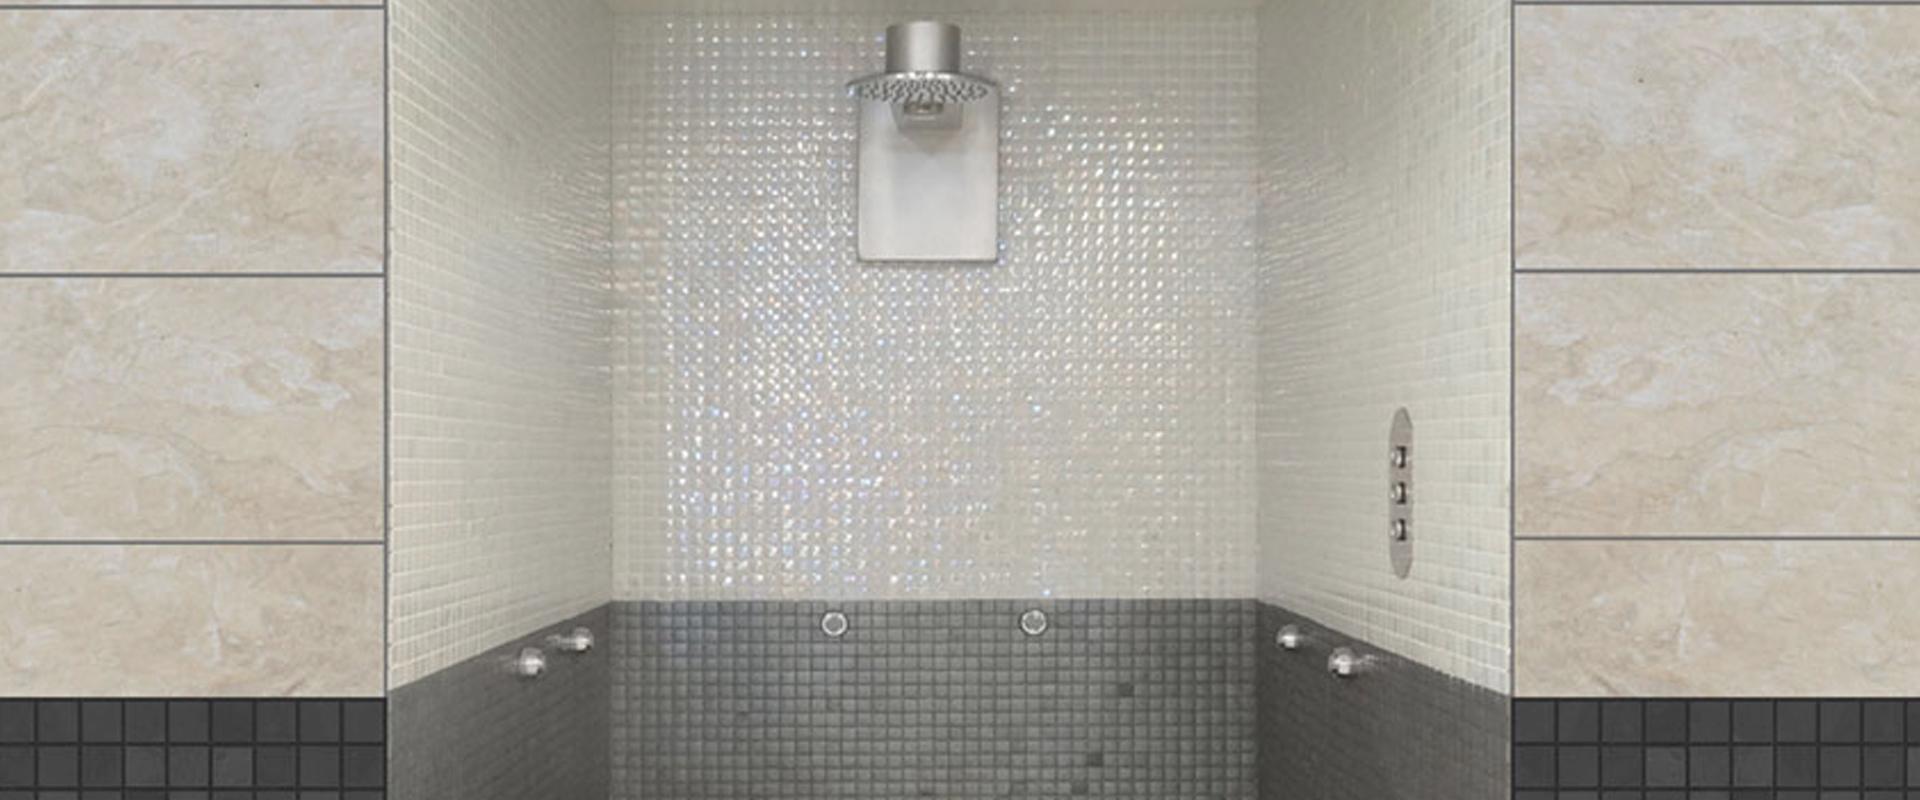 Beneficios duchas de hidroterapia